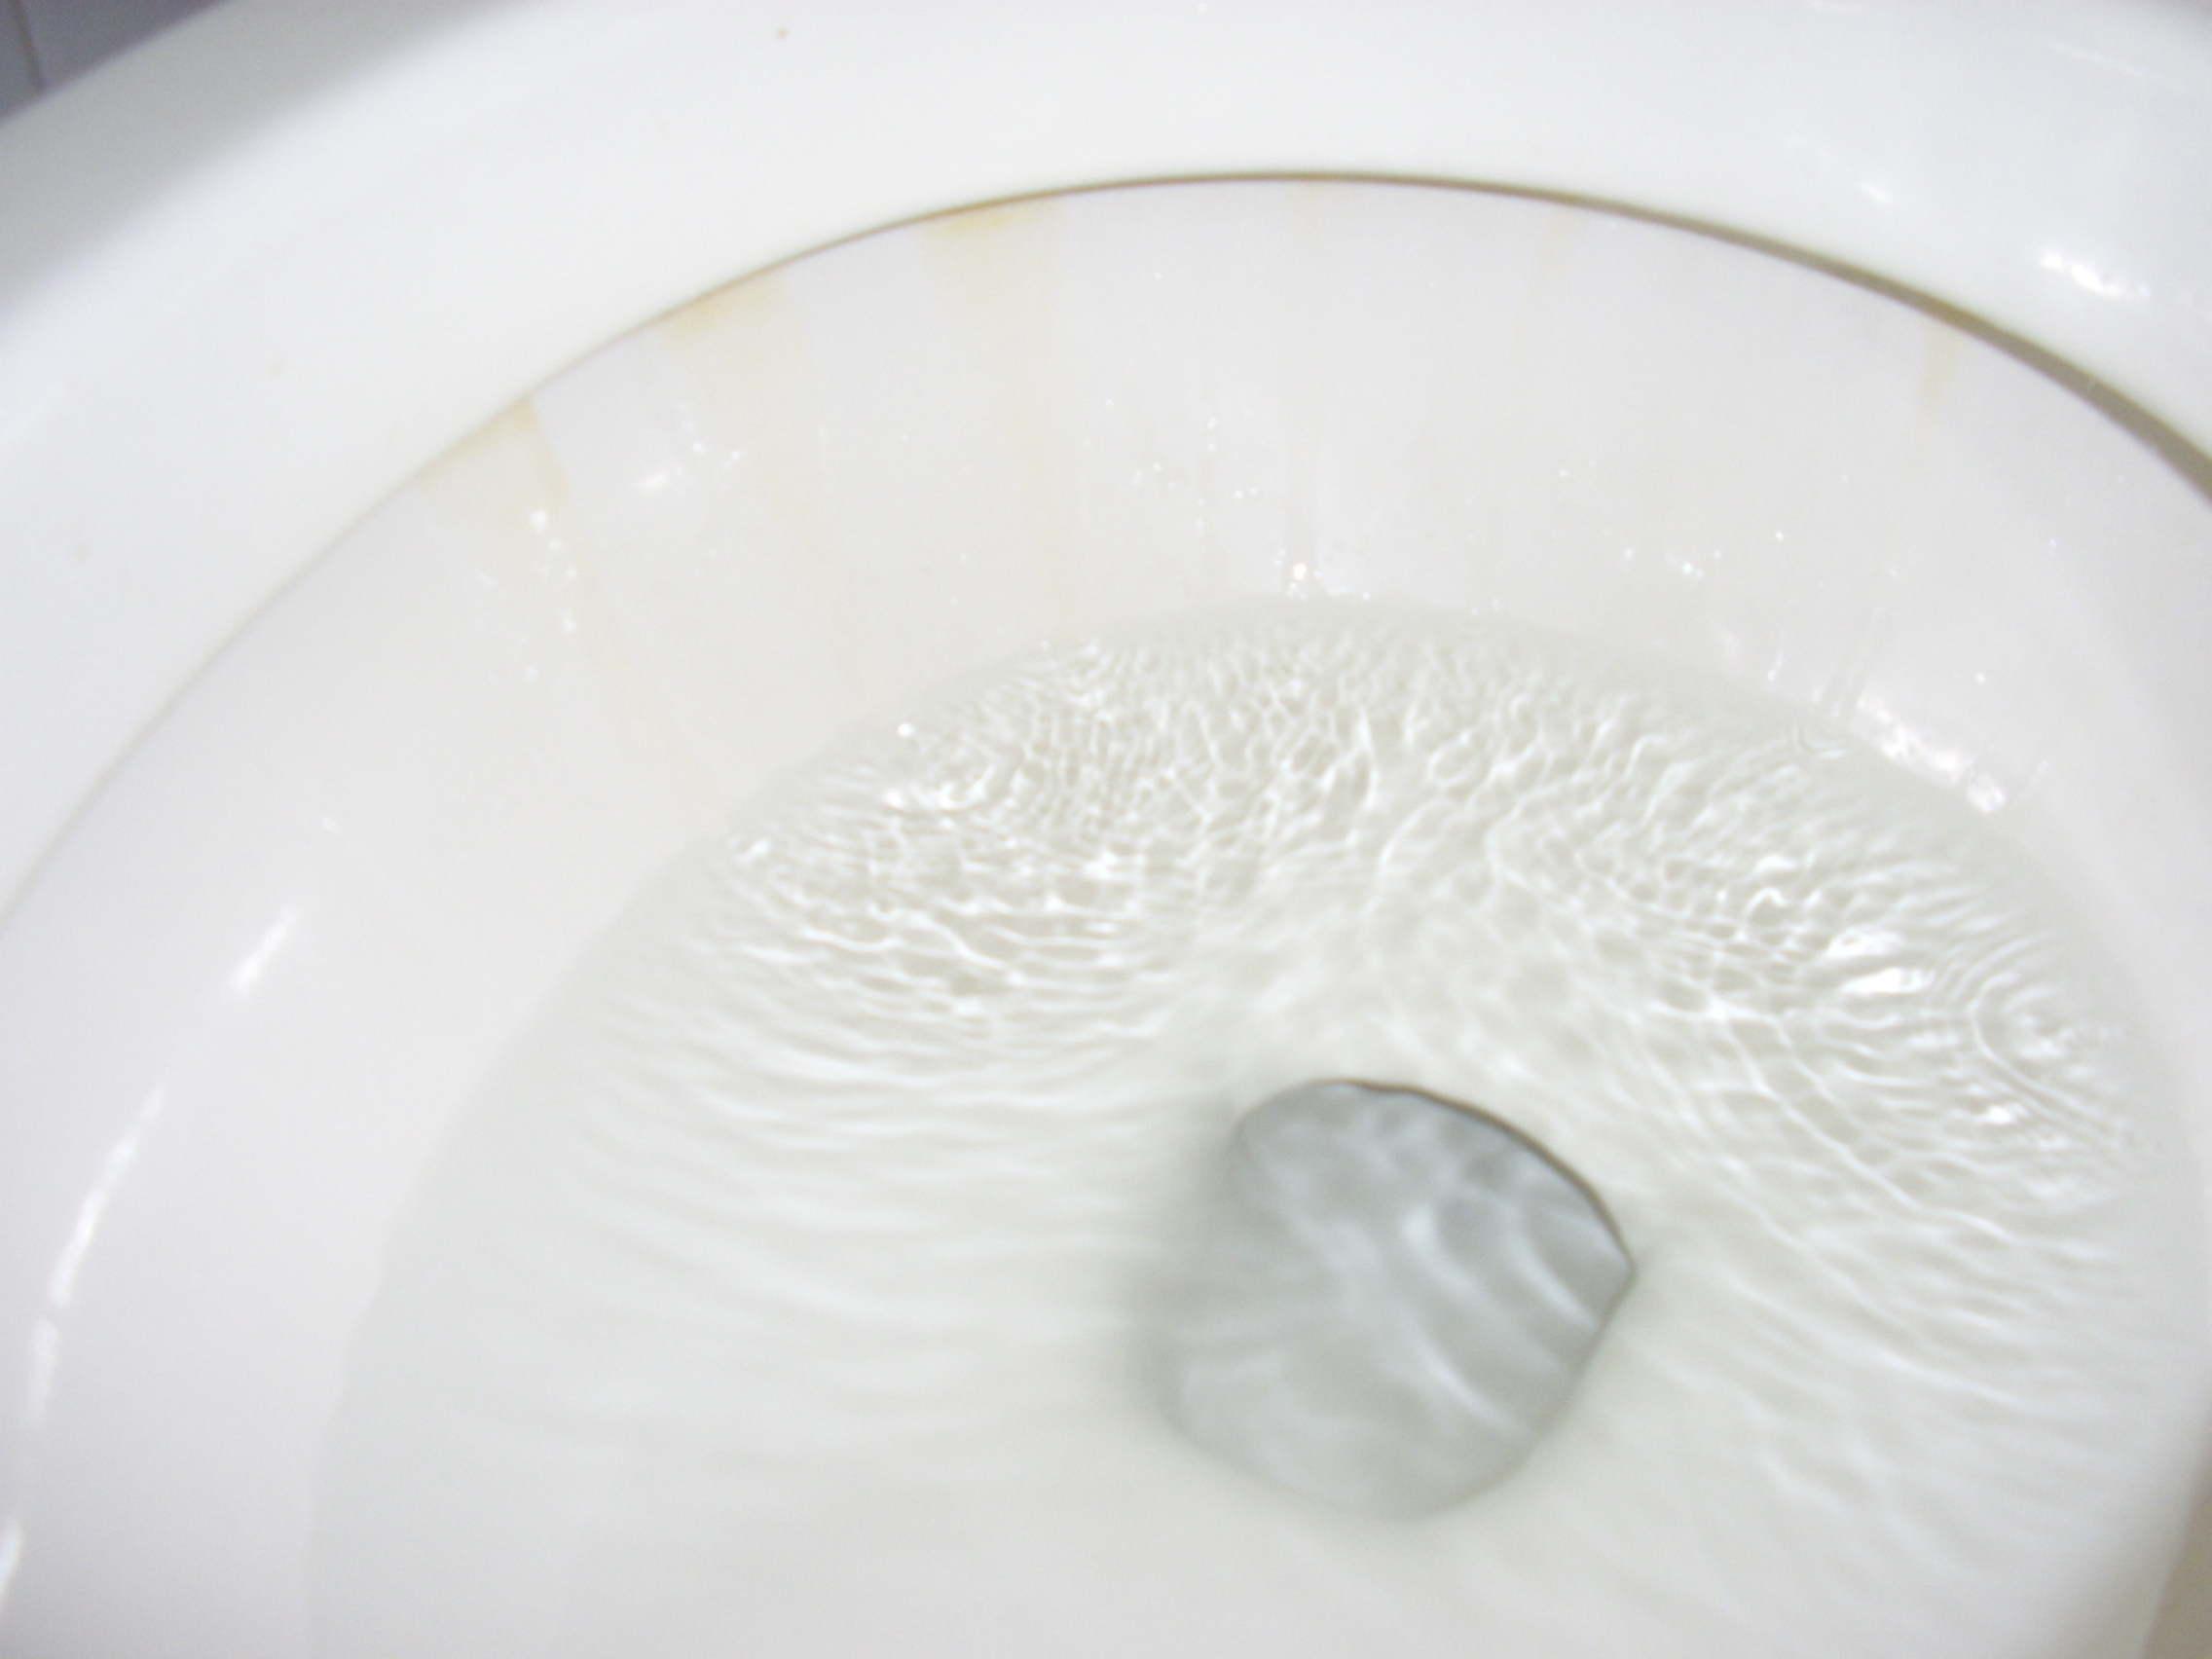 遇到这样漏水的马桶,您见过吗?